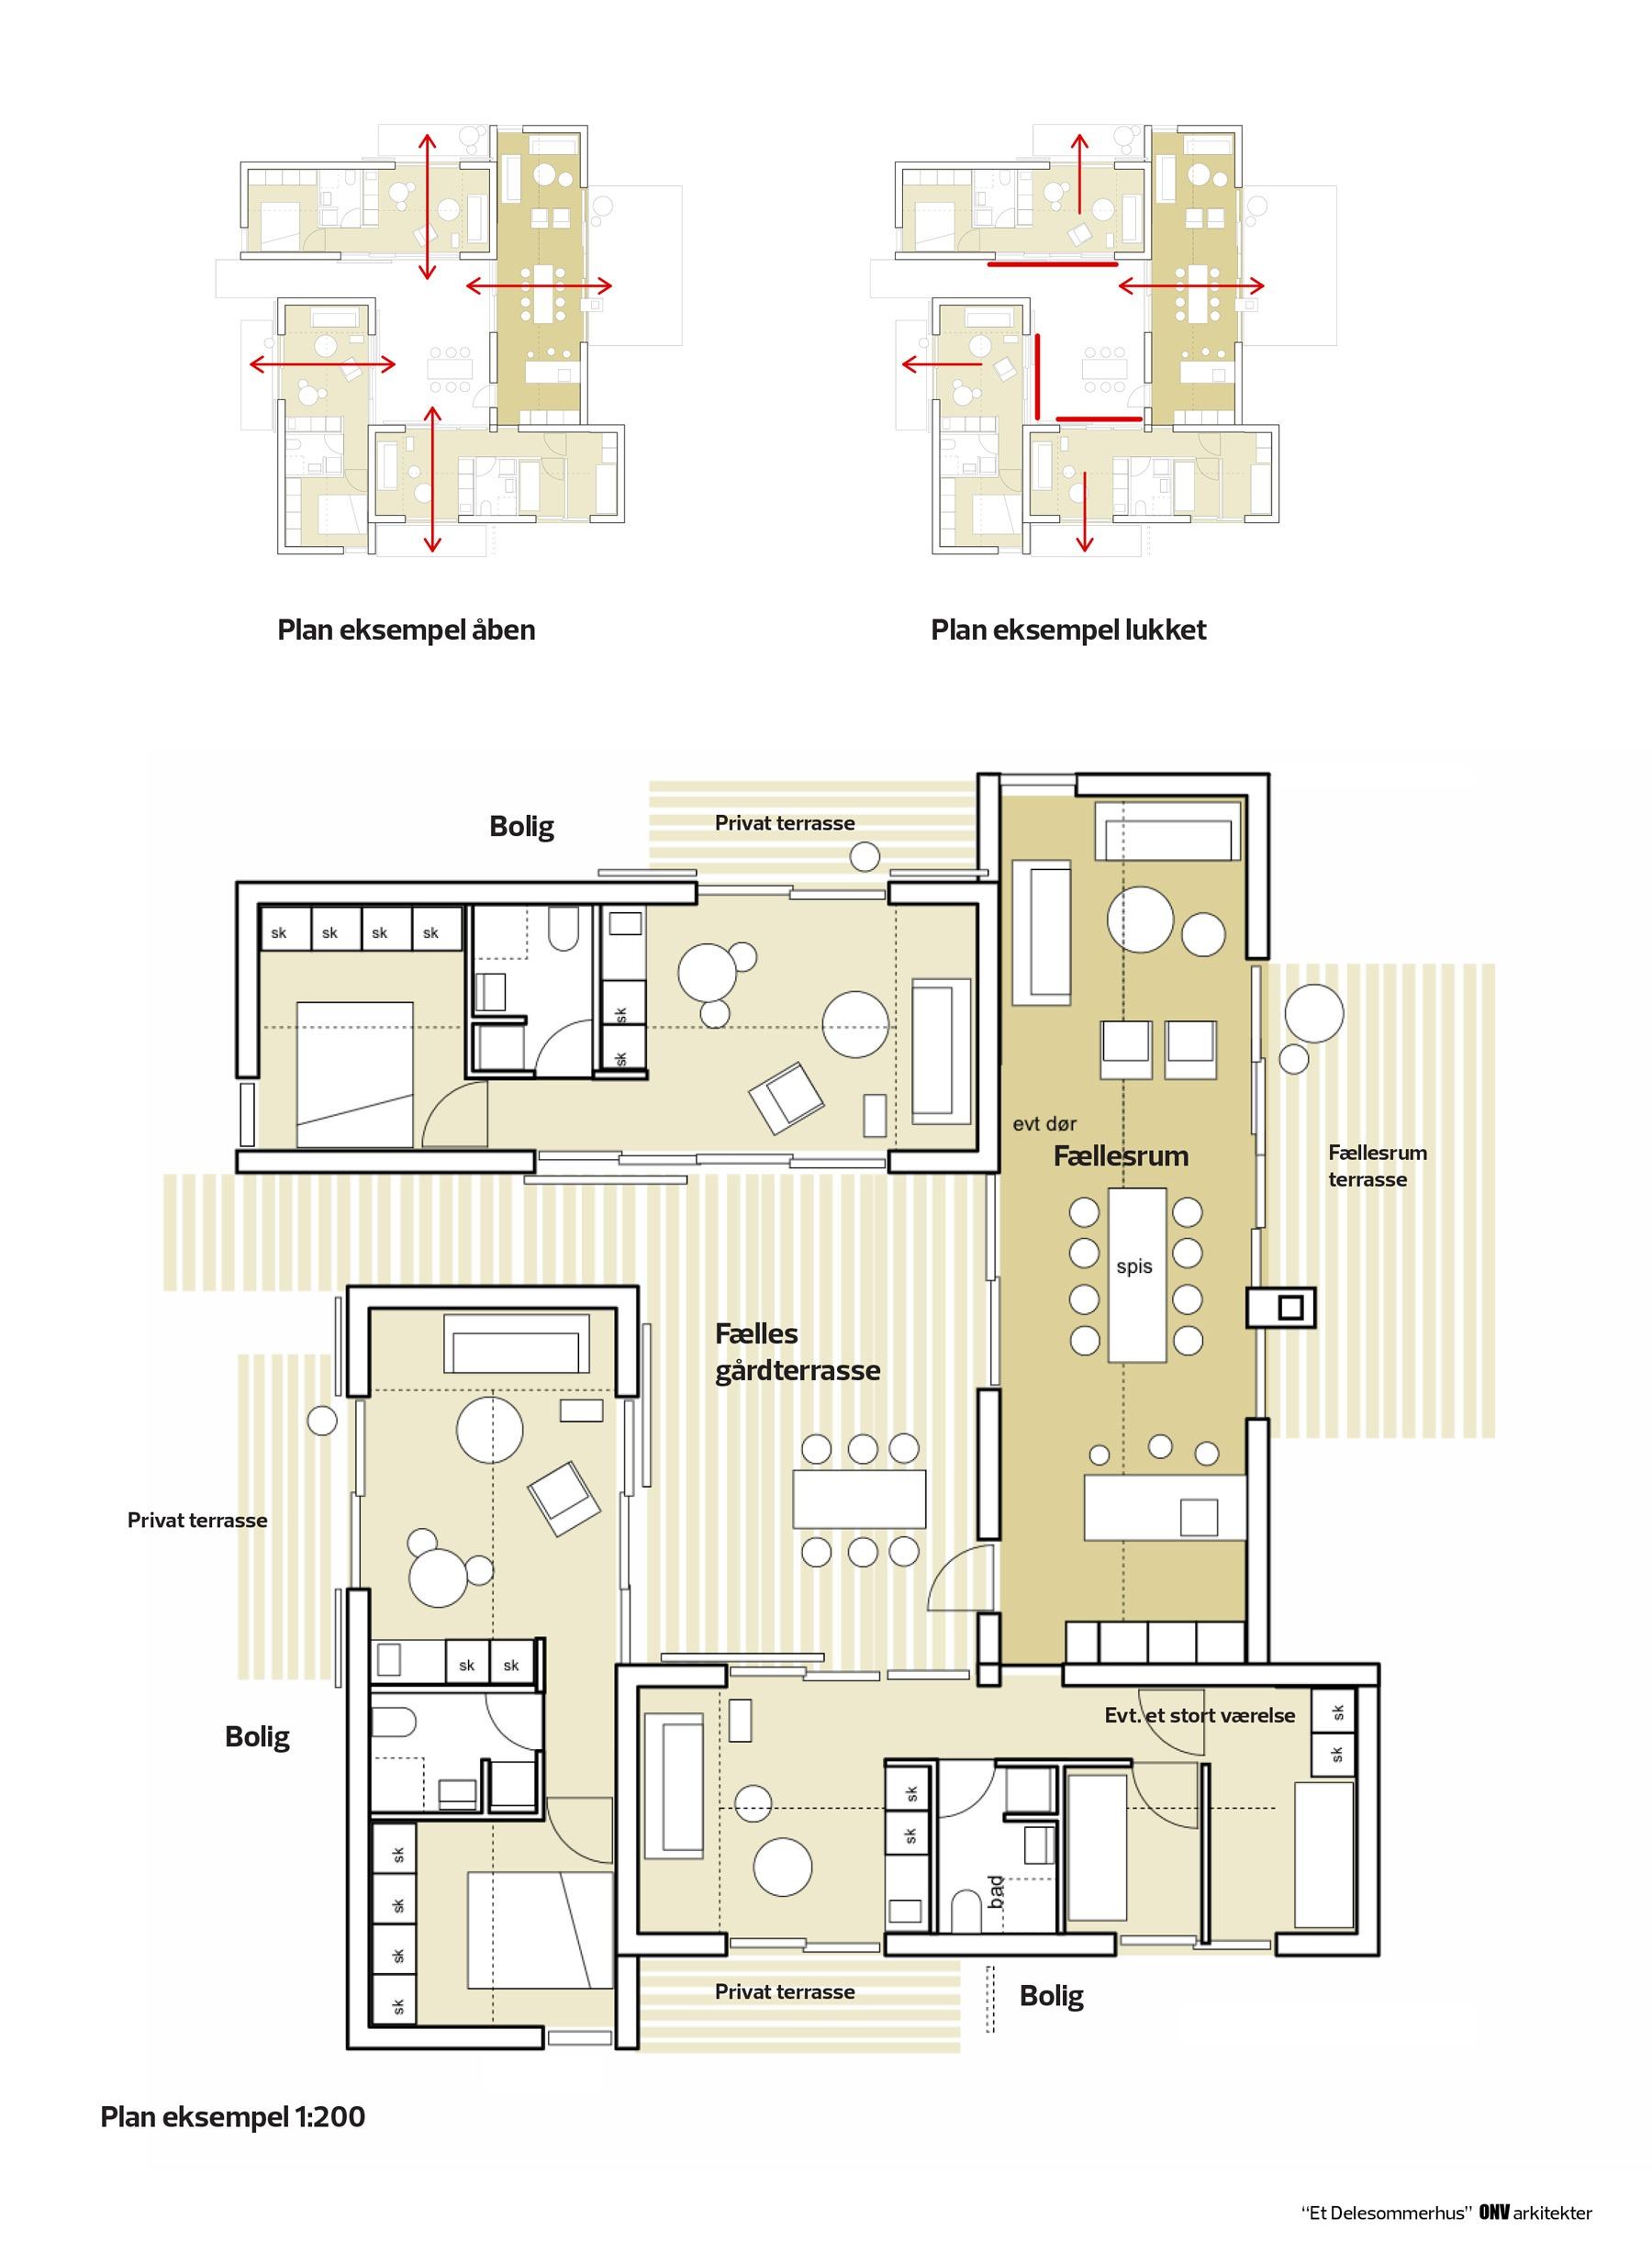 Delesommerhus-ONV-arkitekter-EBK-huse-sommerhus-fællesskab-2